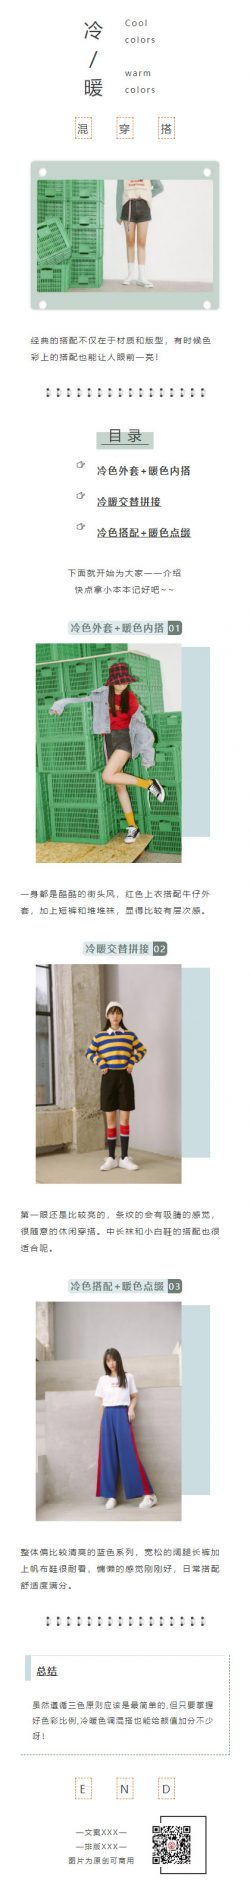 经典的搭配材质和版型穿衣打扮微信公众号图文模板